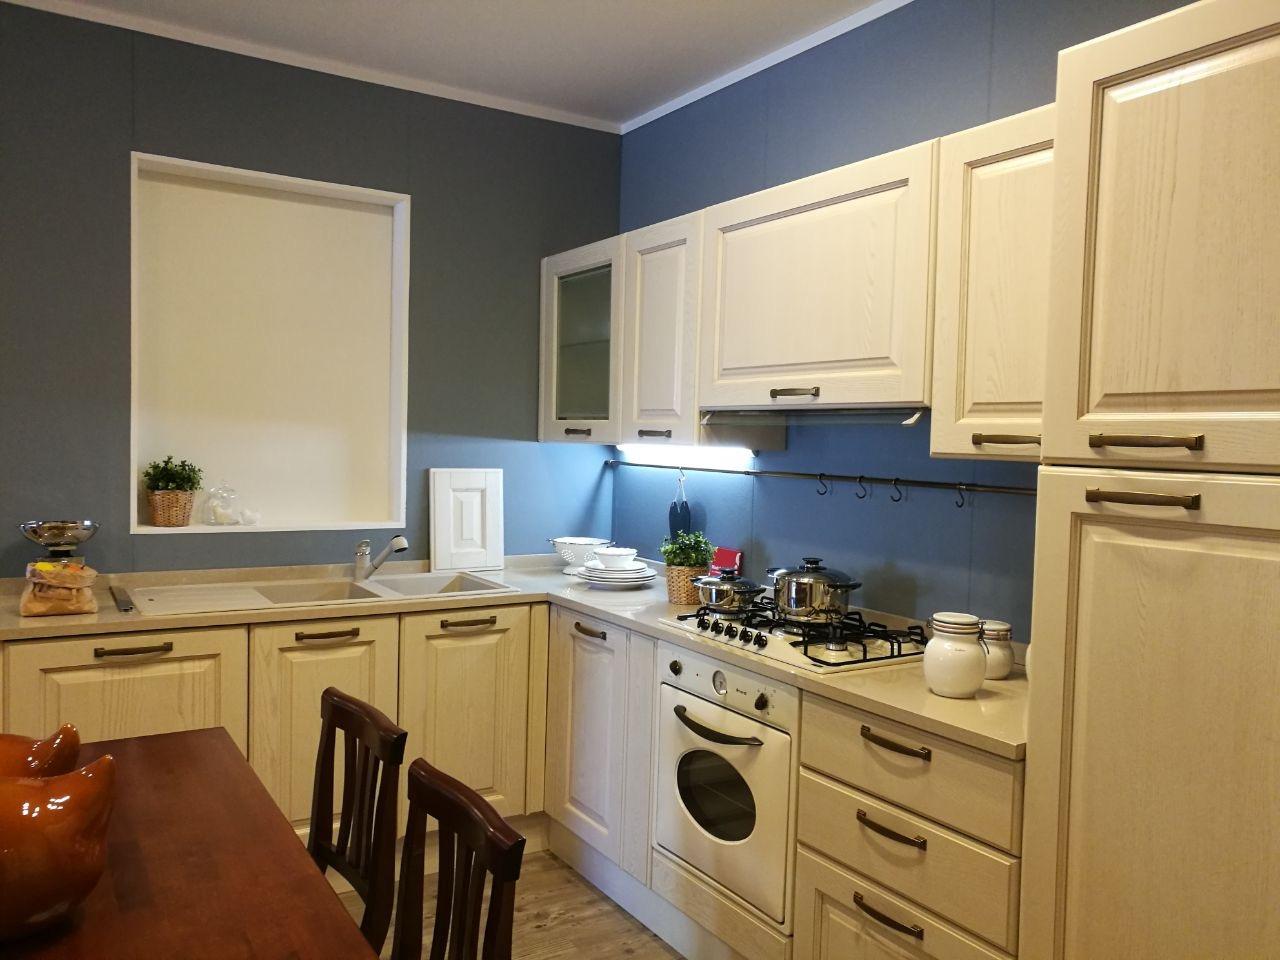 Madeleine cucina scavoliniin offerta per arredamento a modena maranello e sassuolo sconti cucine - Scavolini camere da letto ...